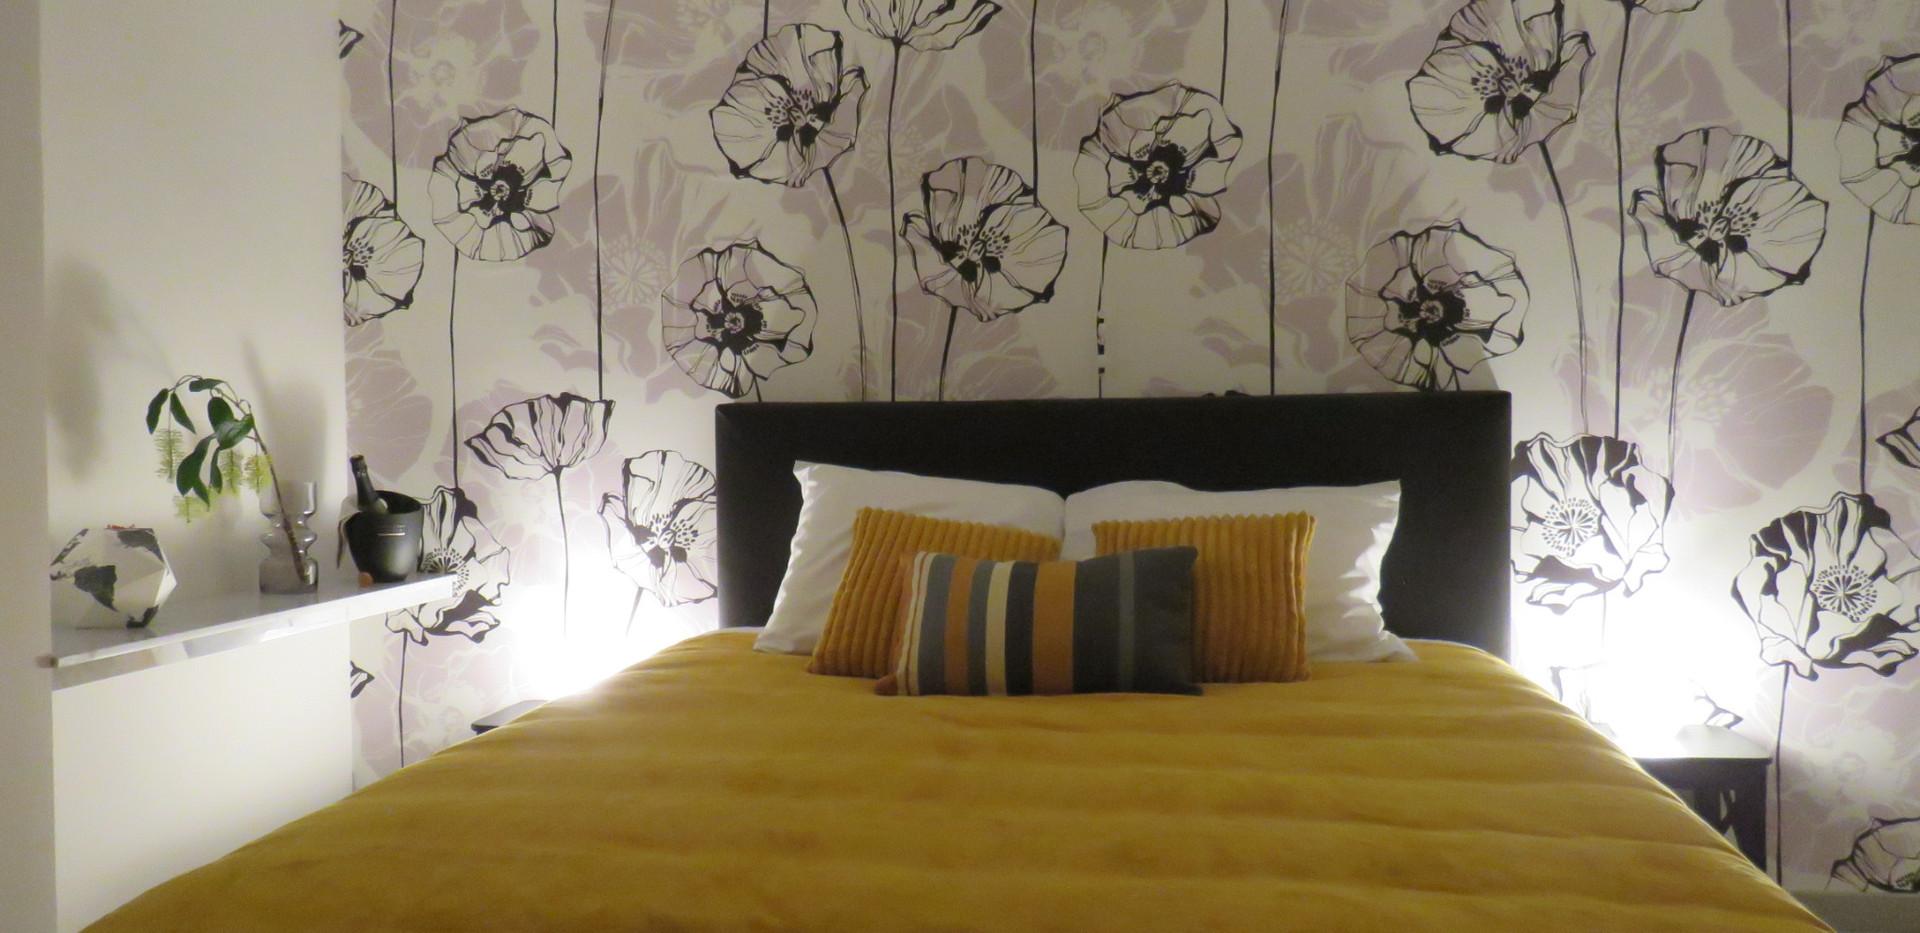 slaapkamer-1-avond-2.jpg